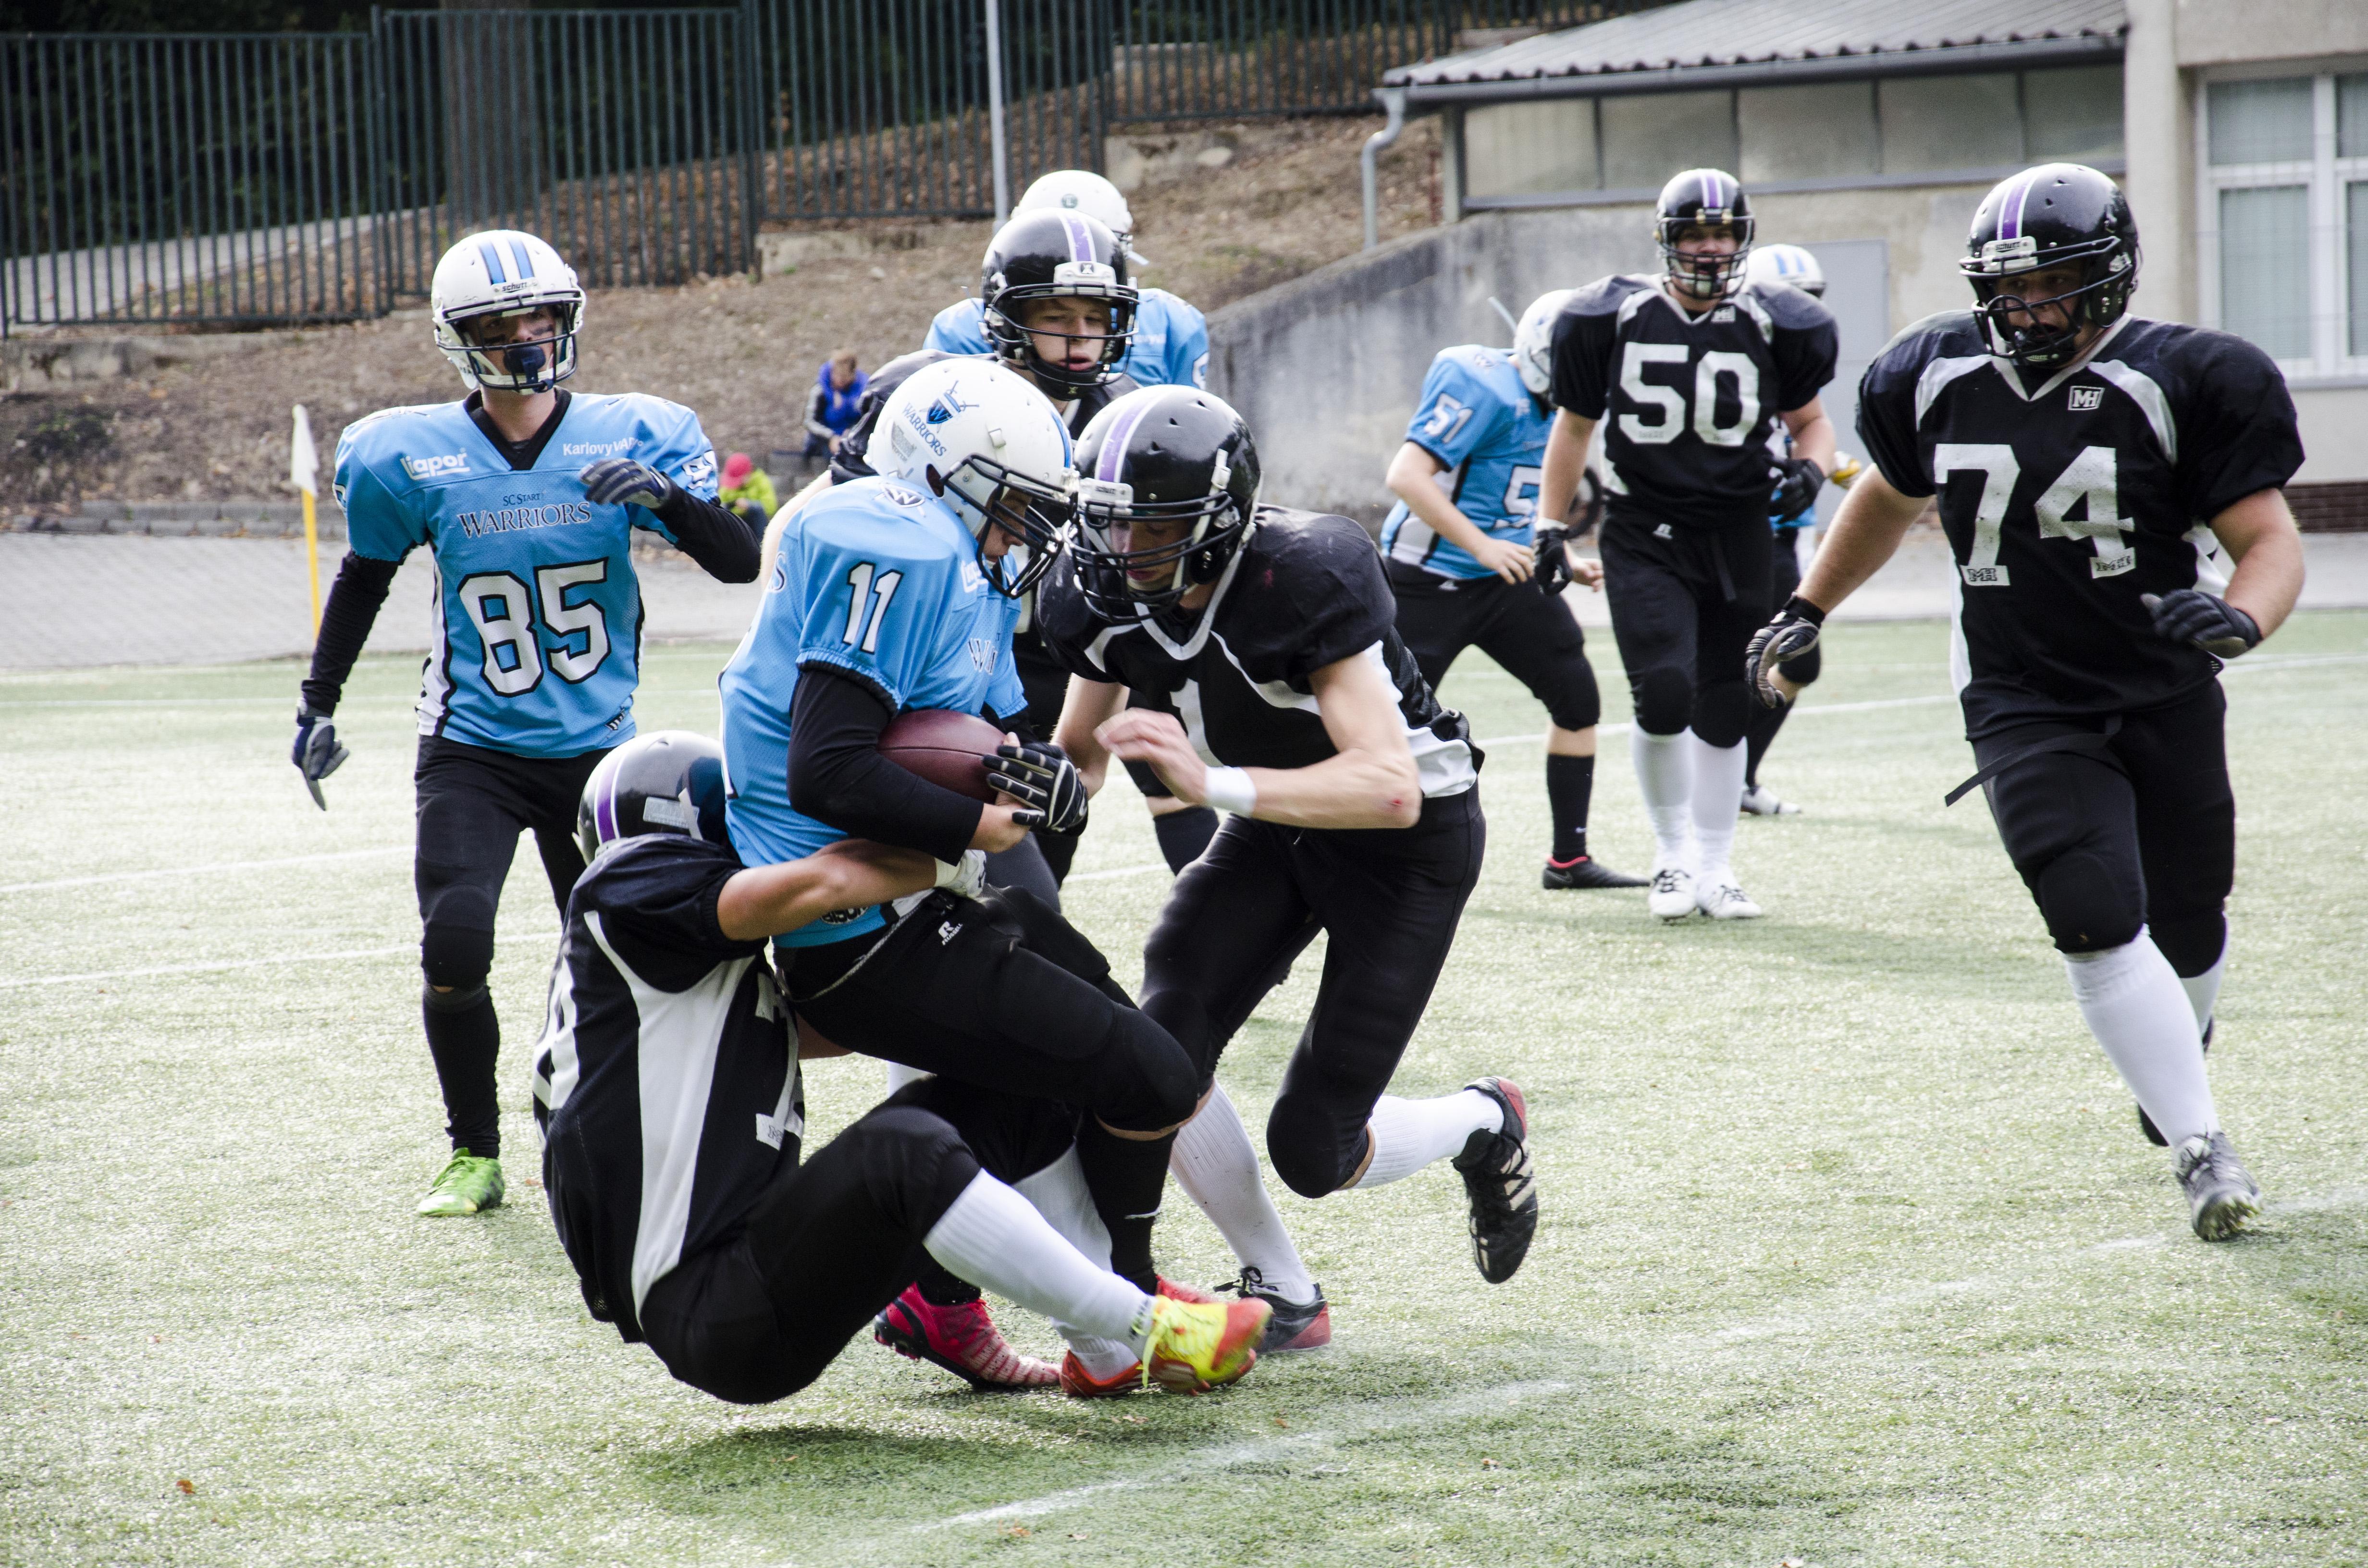 Karlovarský quarterback Josef Krnáč měl plné ruce práce s Libereckými obránci. Foto: Karlovy Vary Warriors